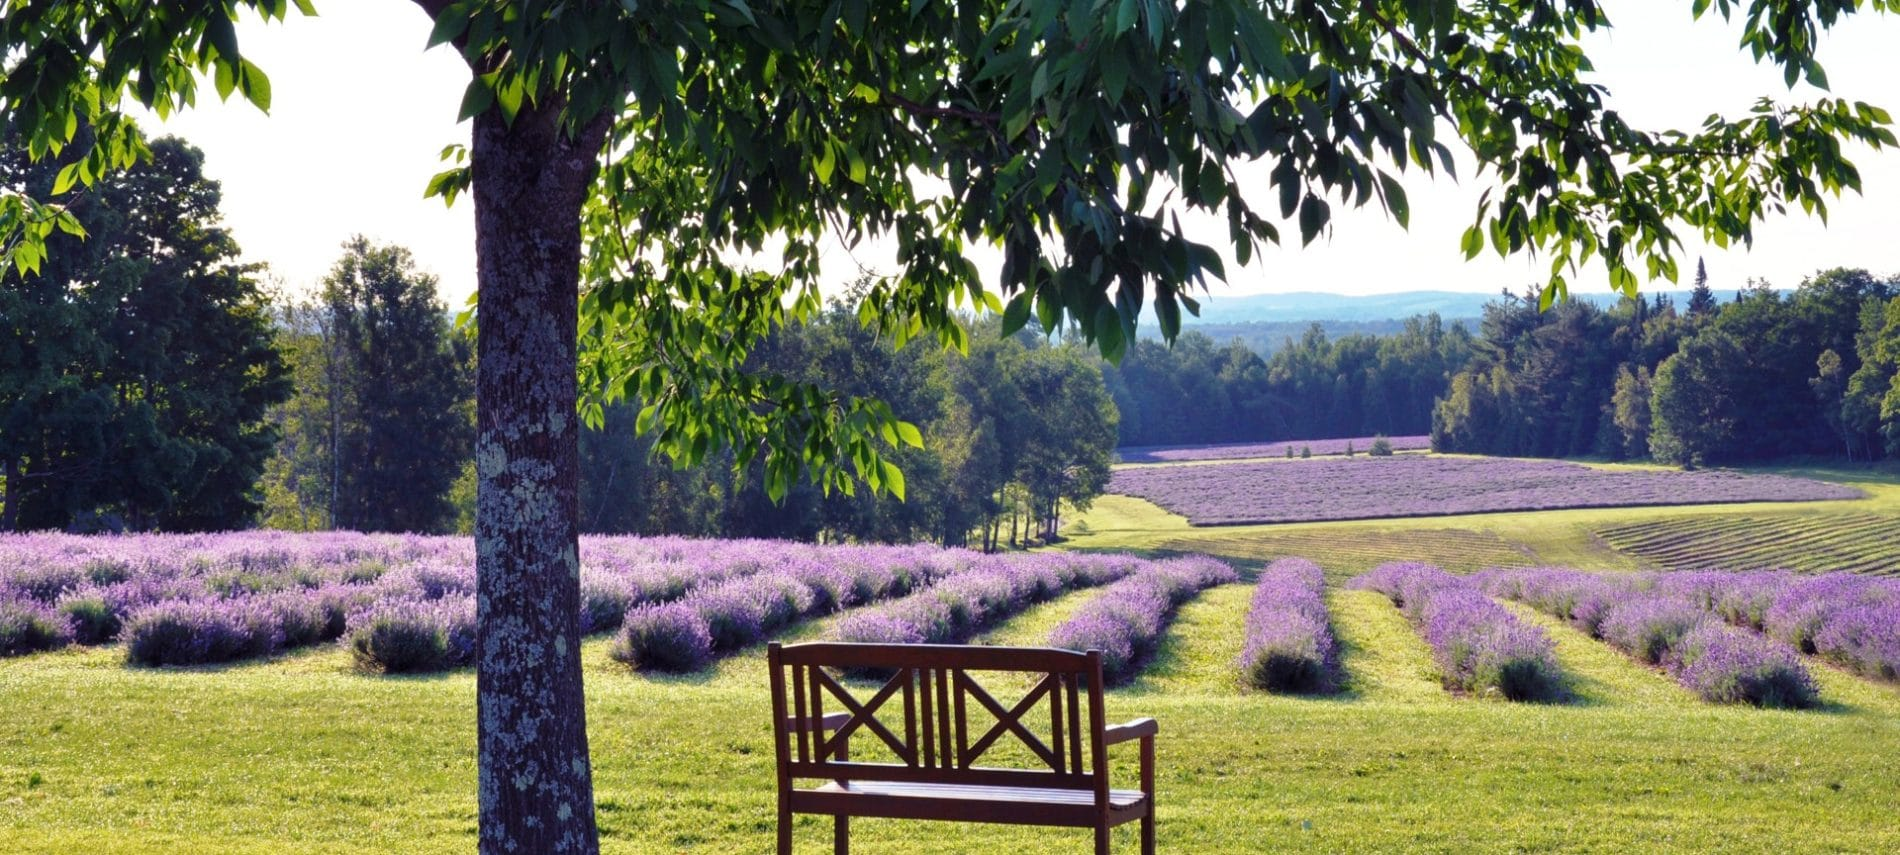 rows of lavender at the bleu lavande lavender farm Canada near Rabbit Hill Inn